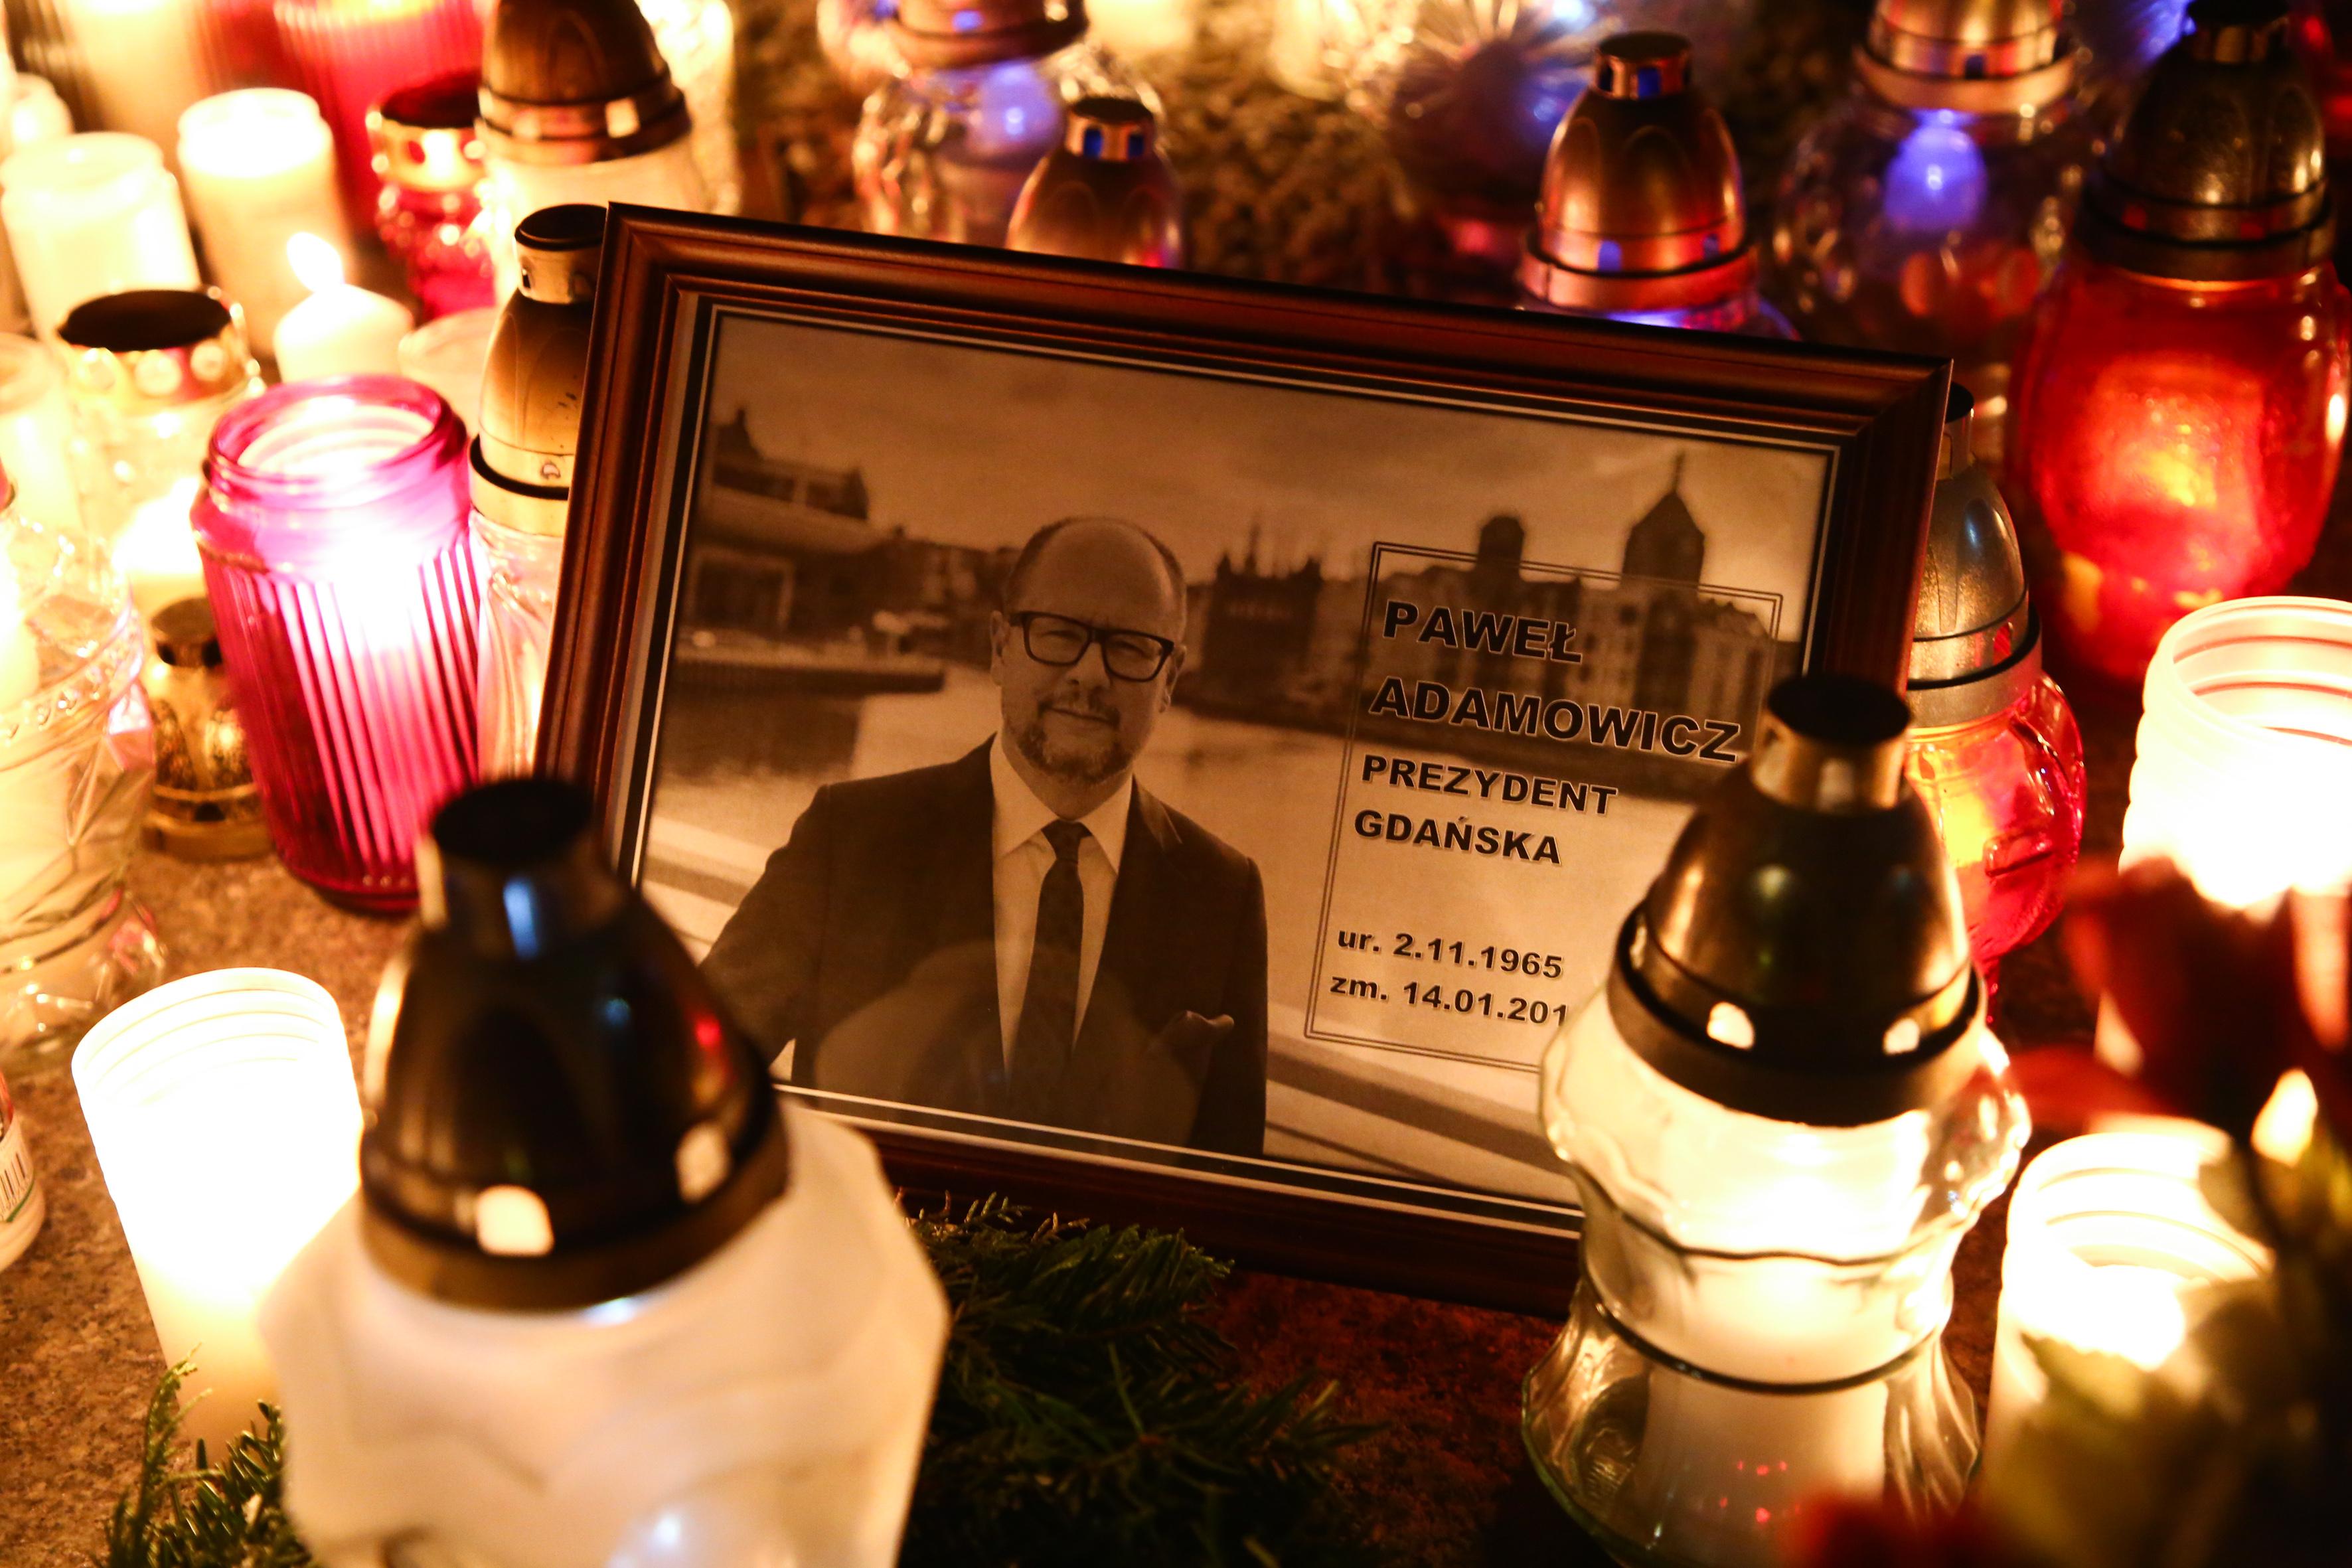 A gdanski főpolgármester gyilkosa más erőszakos akciókat is tervezett